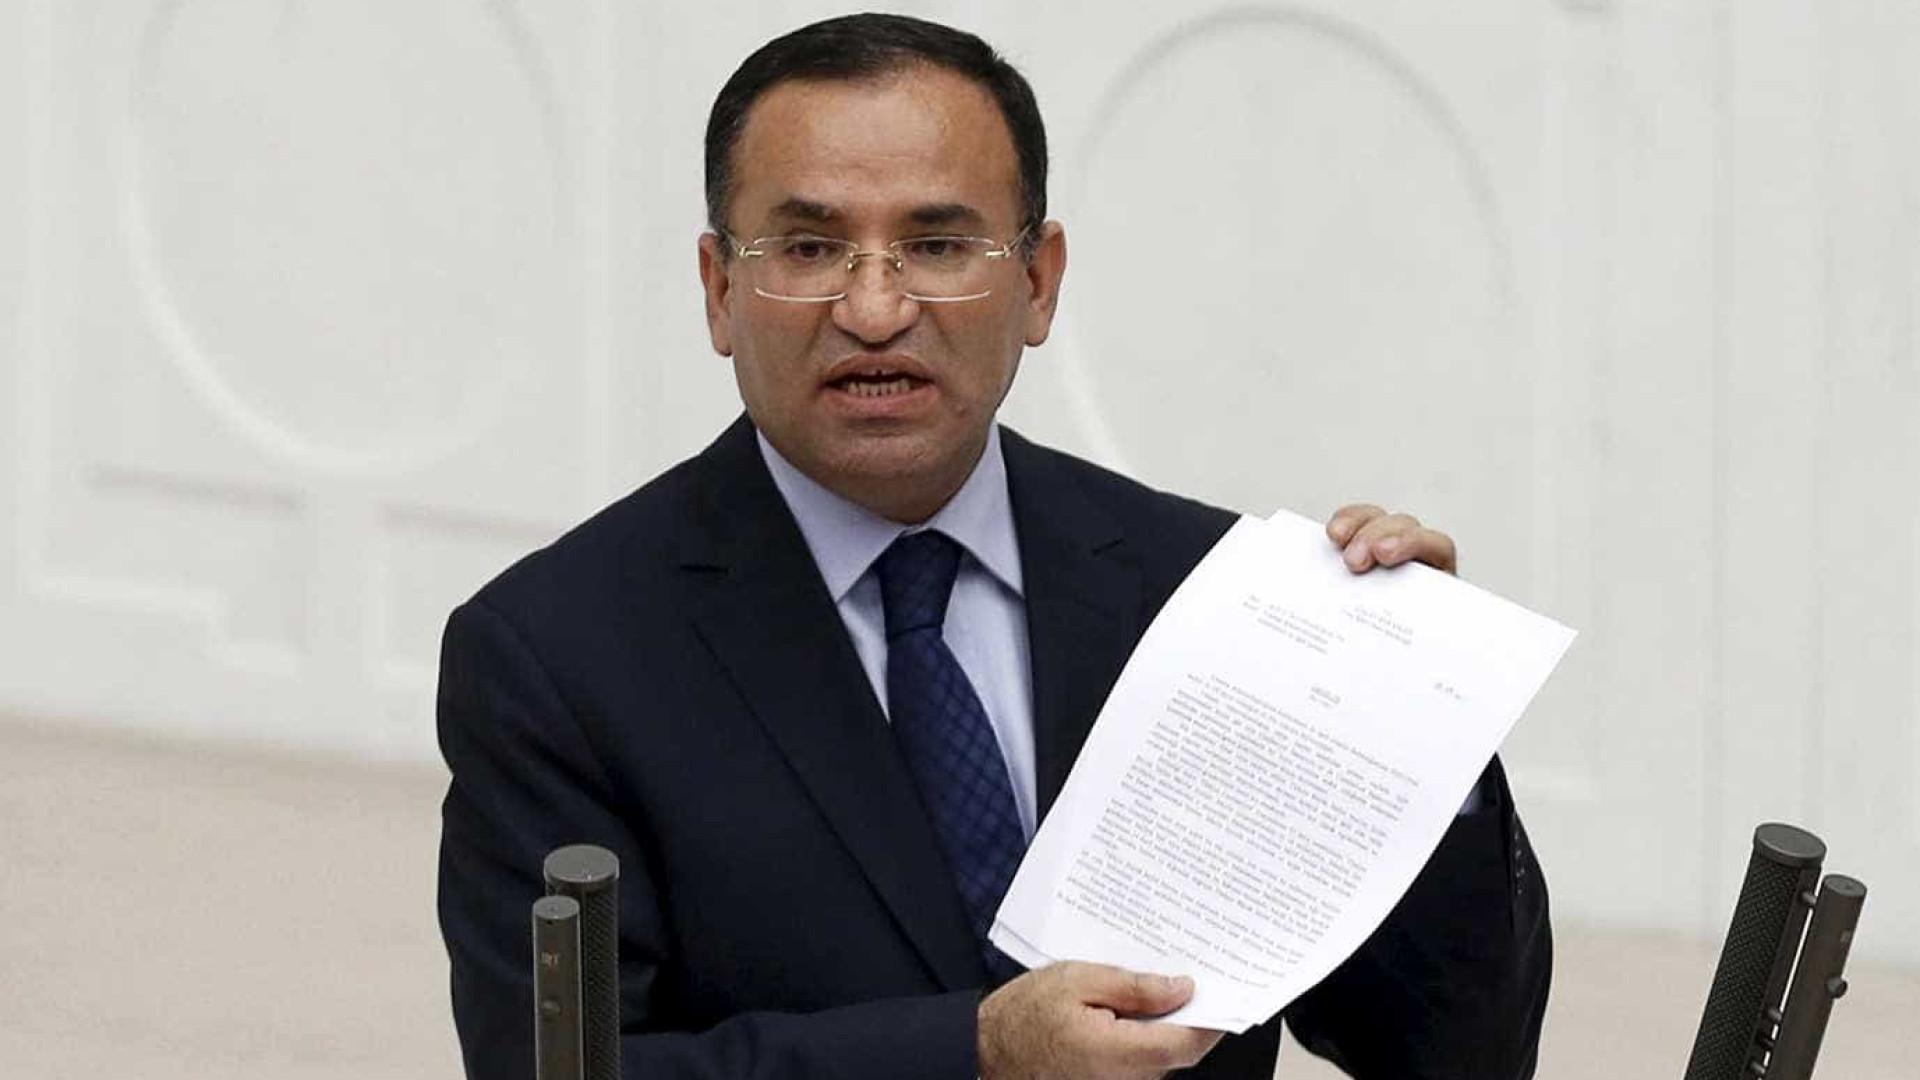 Ministro turco vincula observadores internacionais a  grupos terroristas